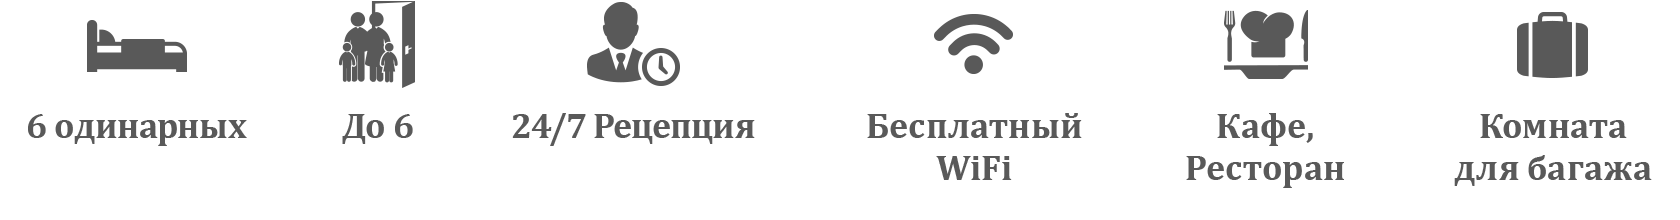 Квартира с 2 спальнями I Односпальные кровати